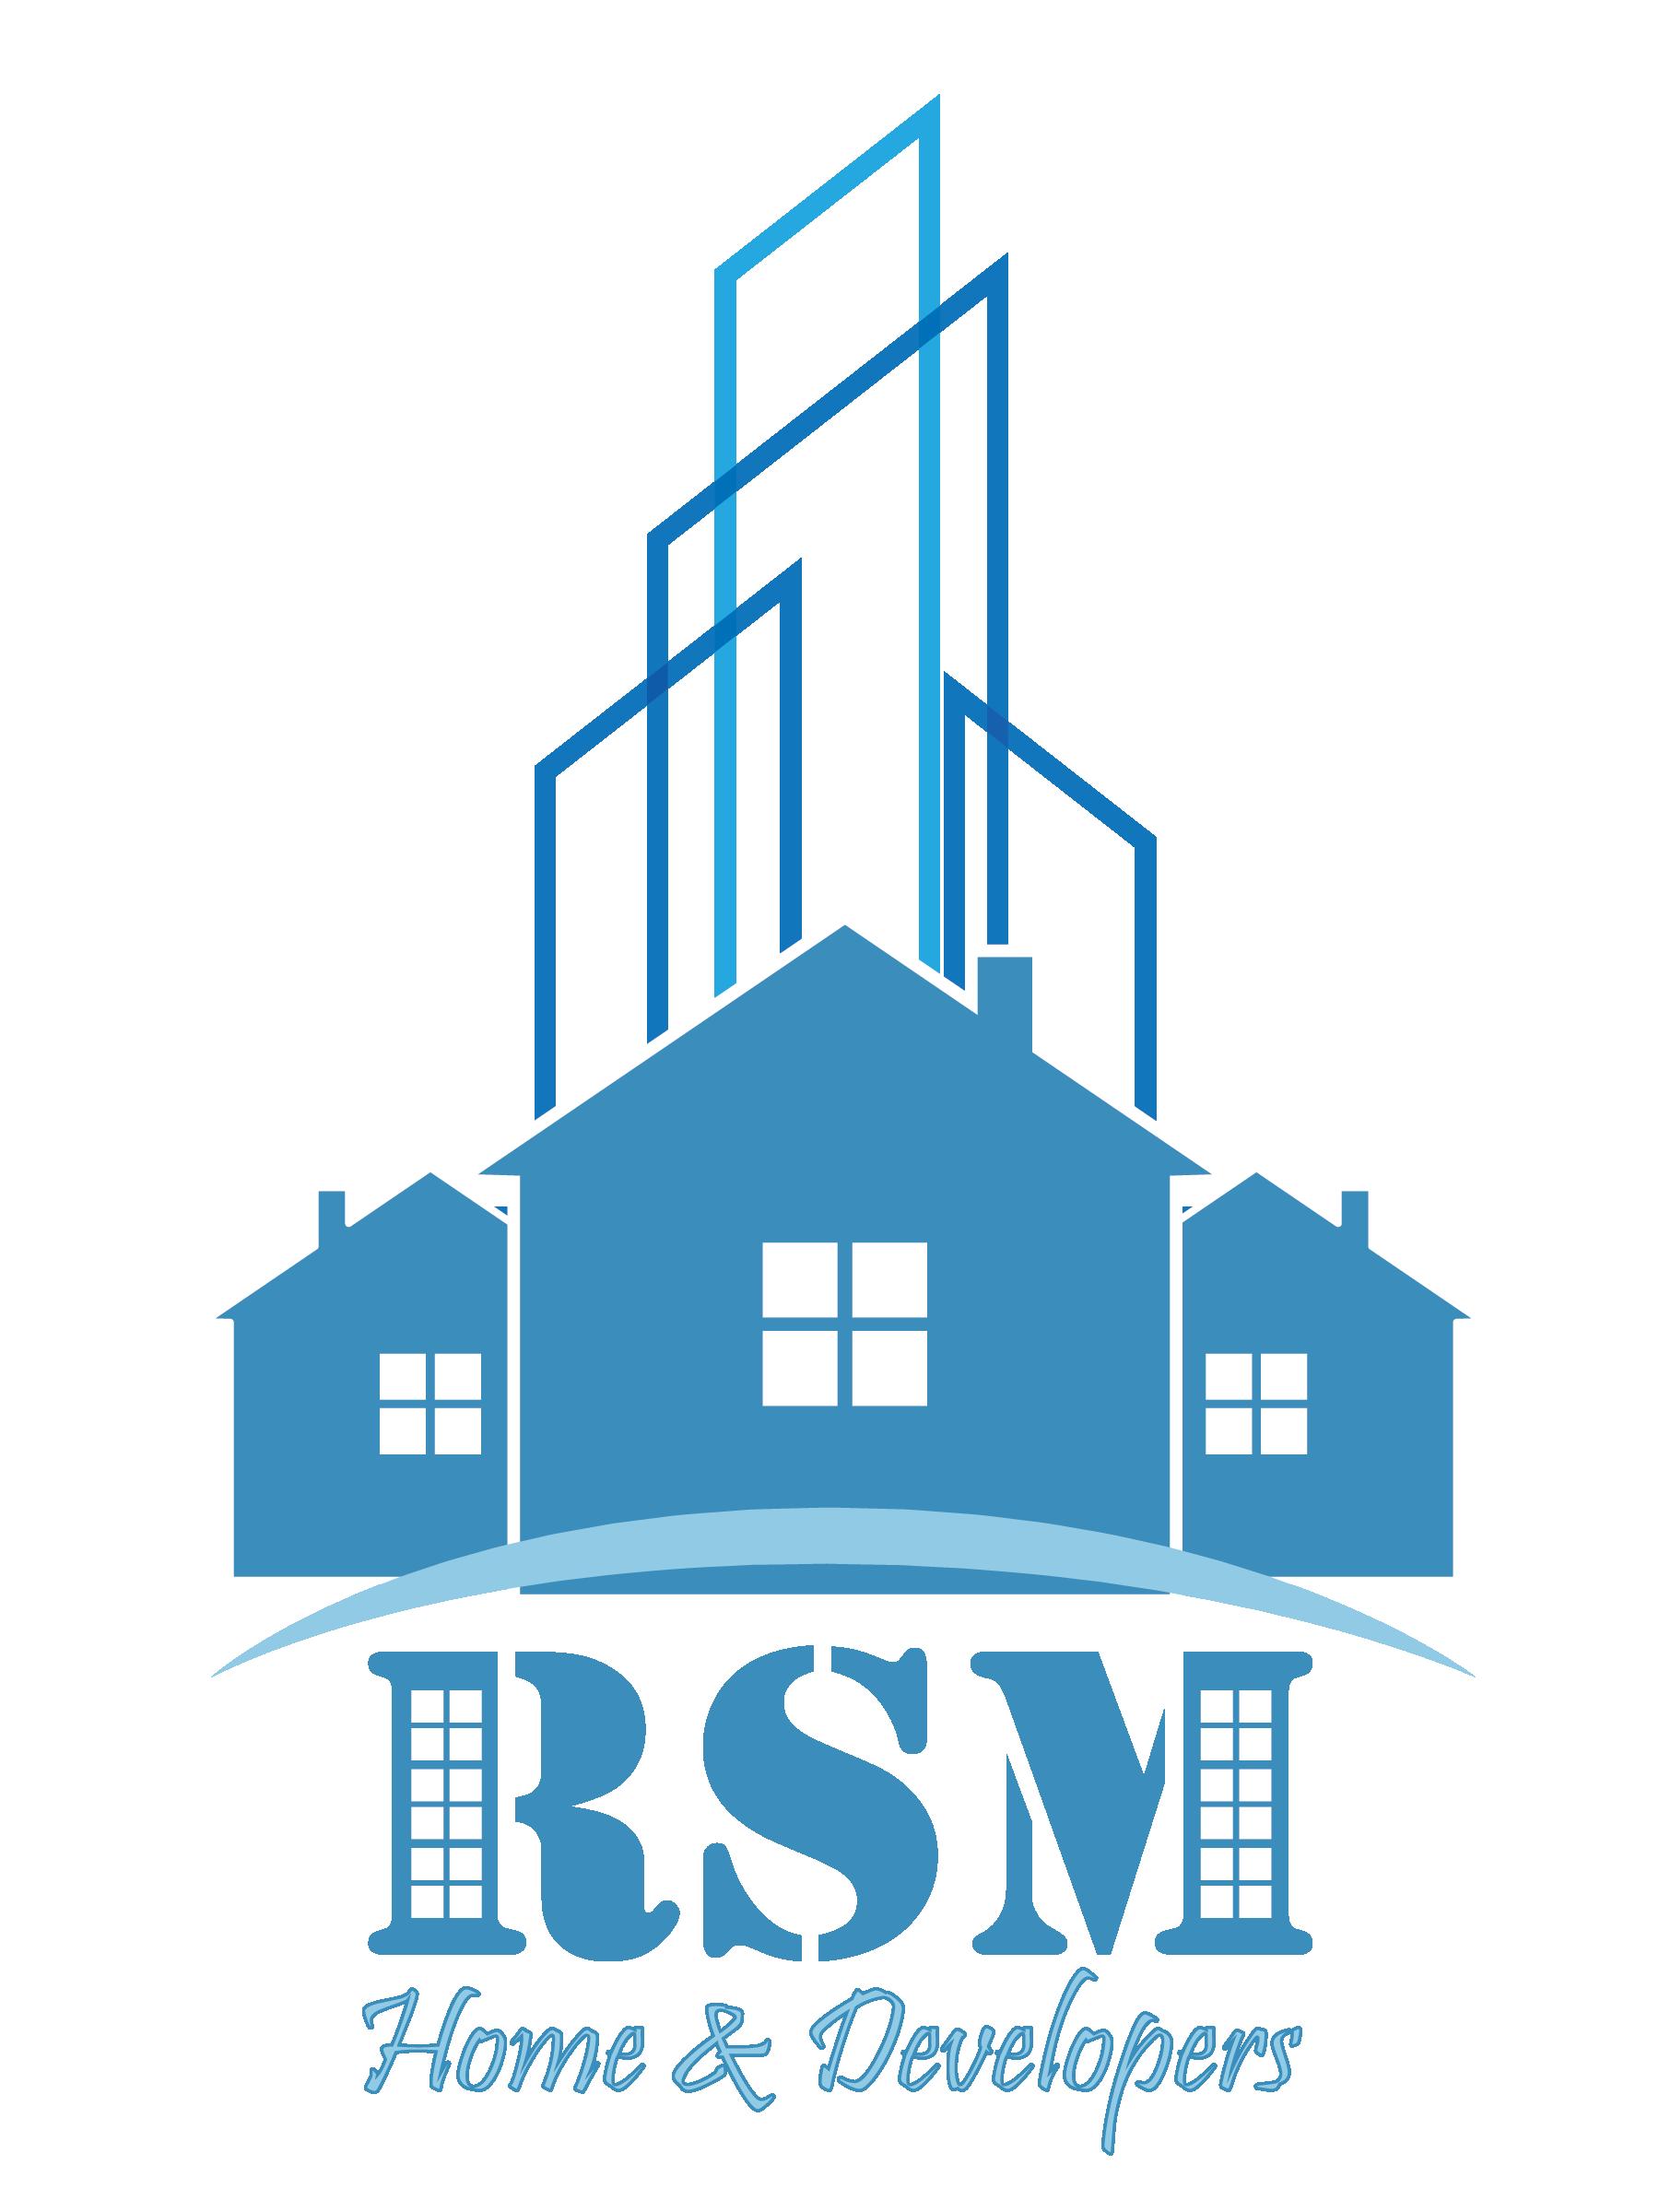 RSM Home & Developers